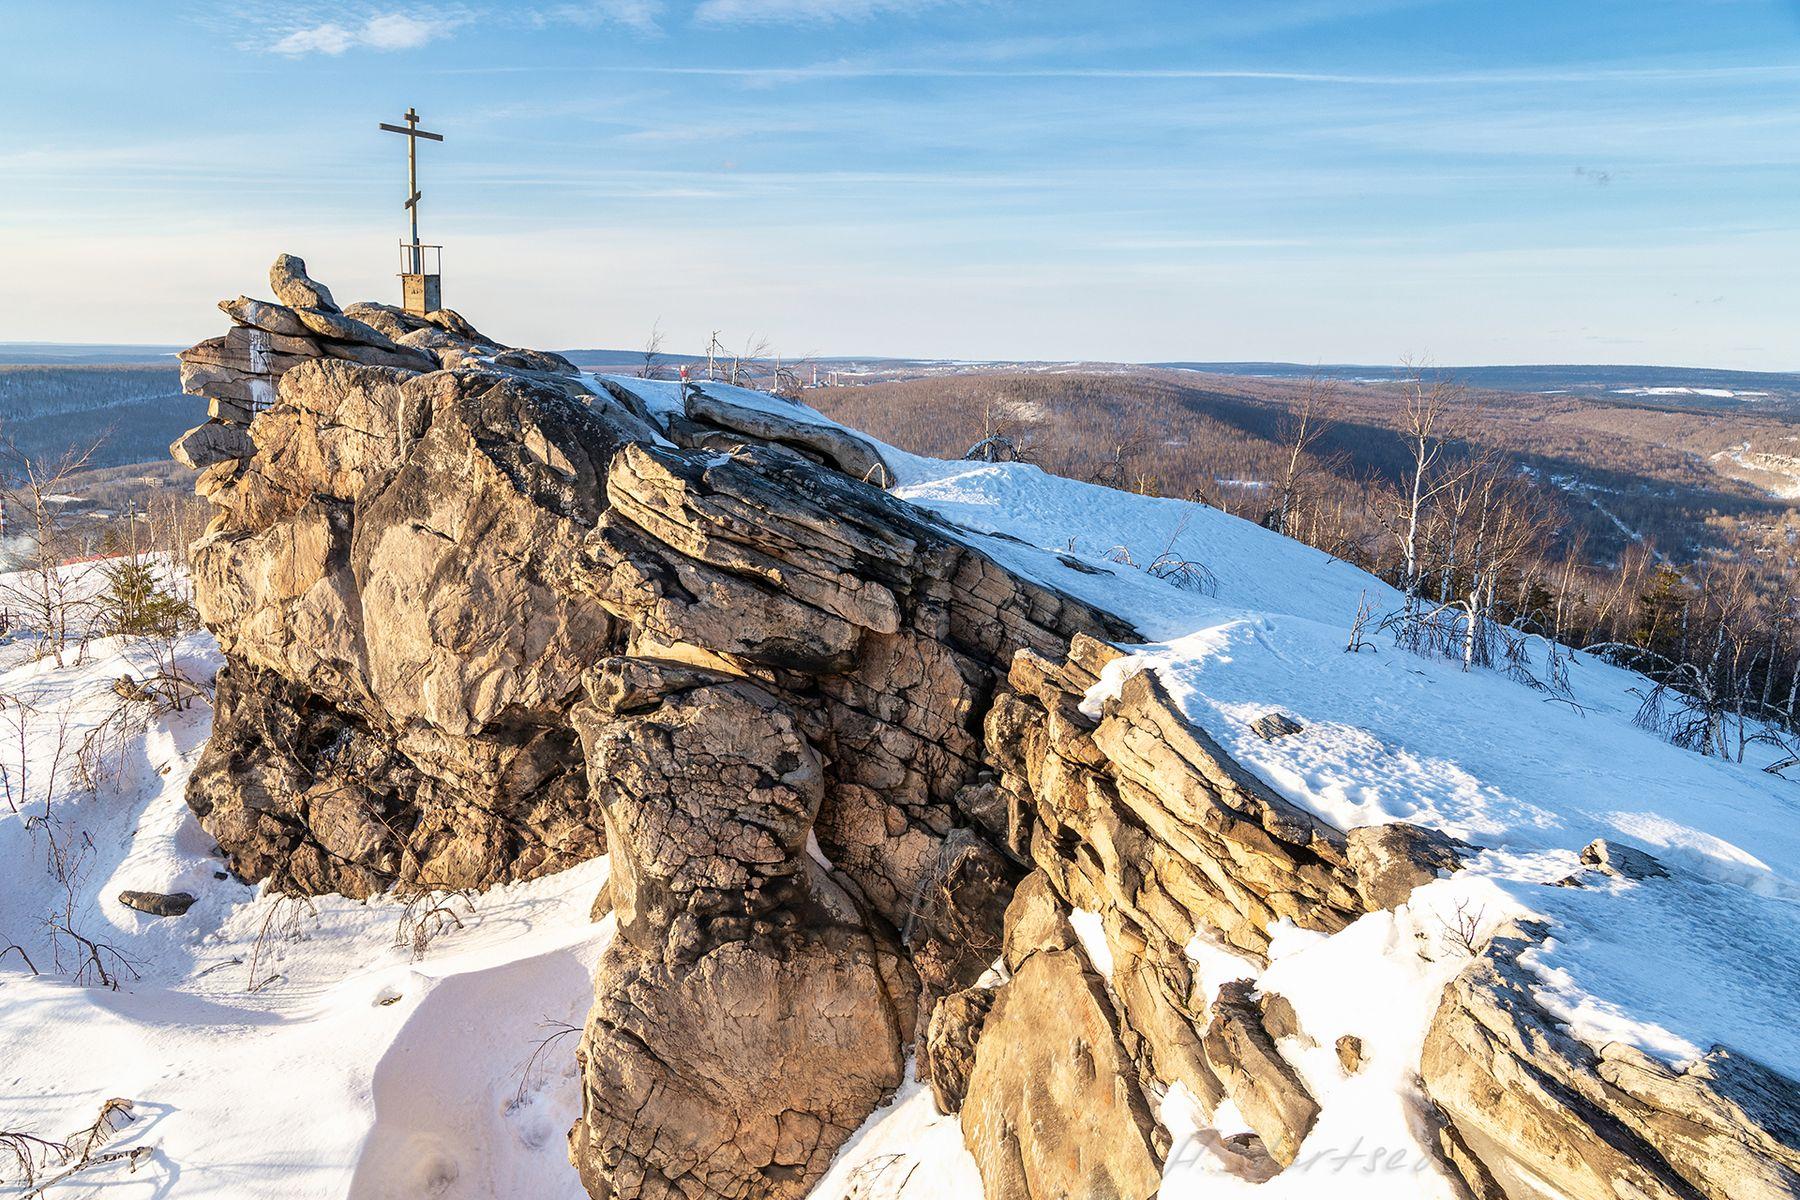 Гора Крестовая зима снег скала гора туризм пейзаж природа Пермский_край Урал небо вечер